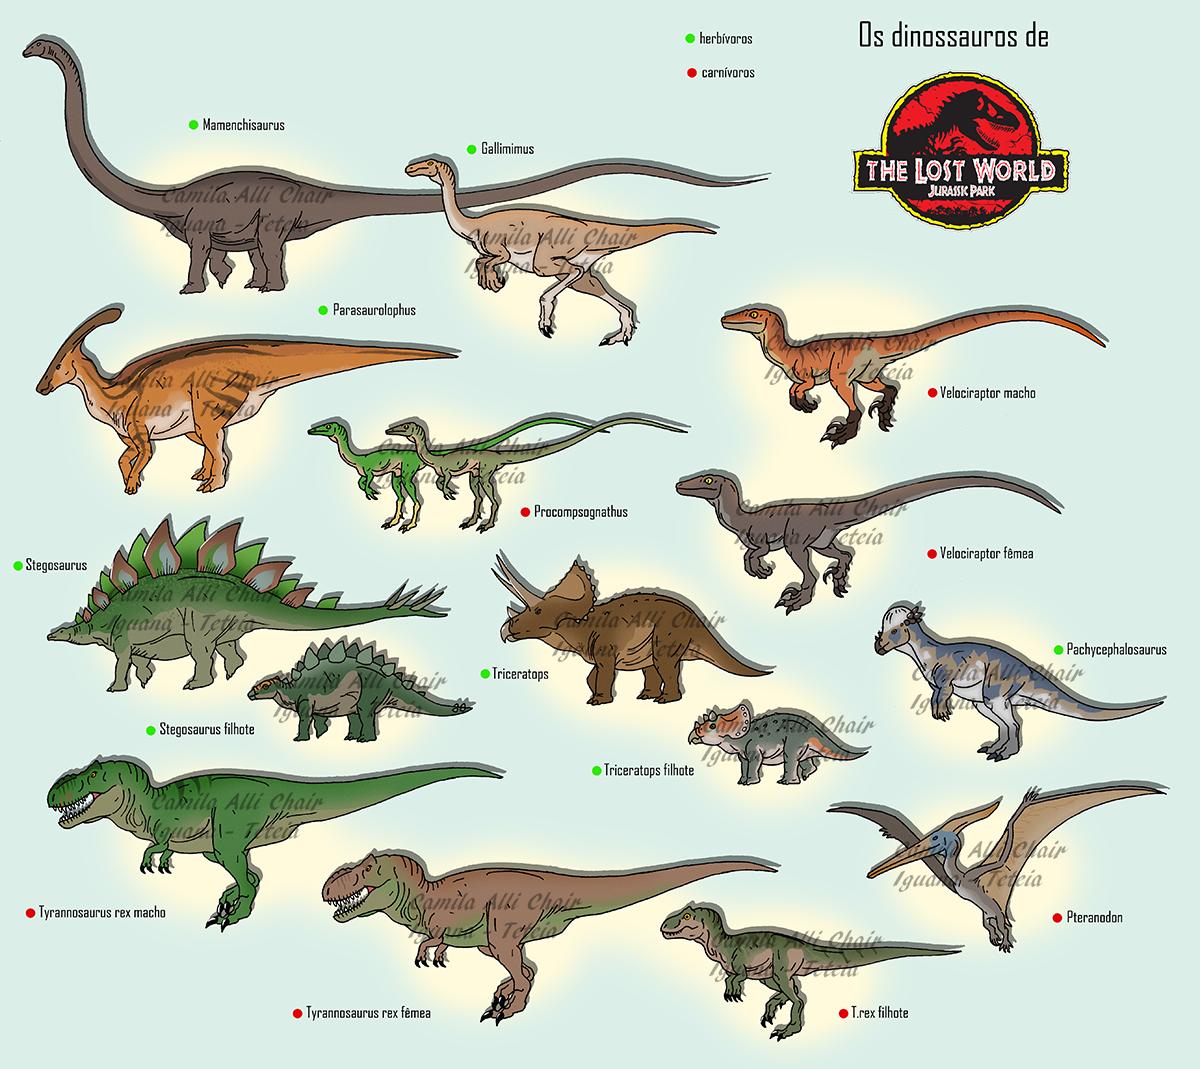 The lost world dinosaurs by freakyraptor on deviantart - Film de dinosaure jurassic park ...